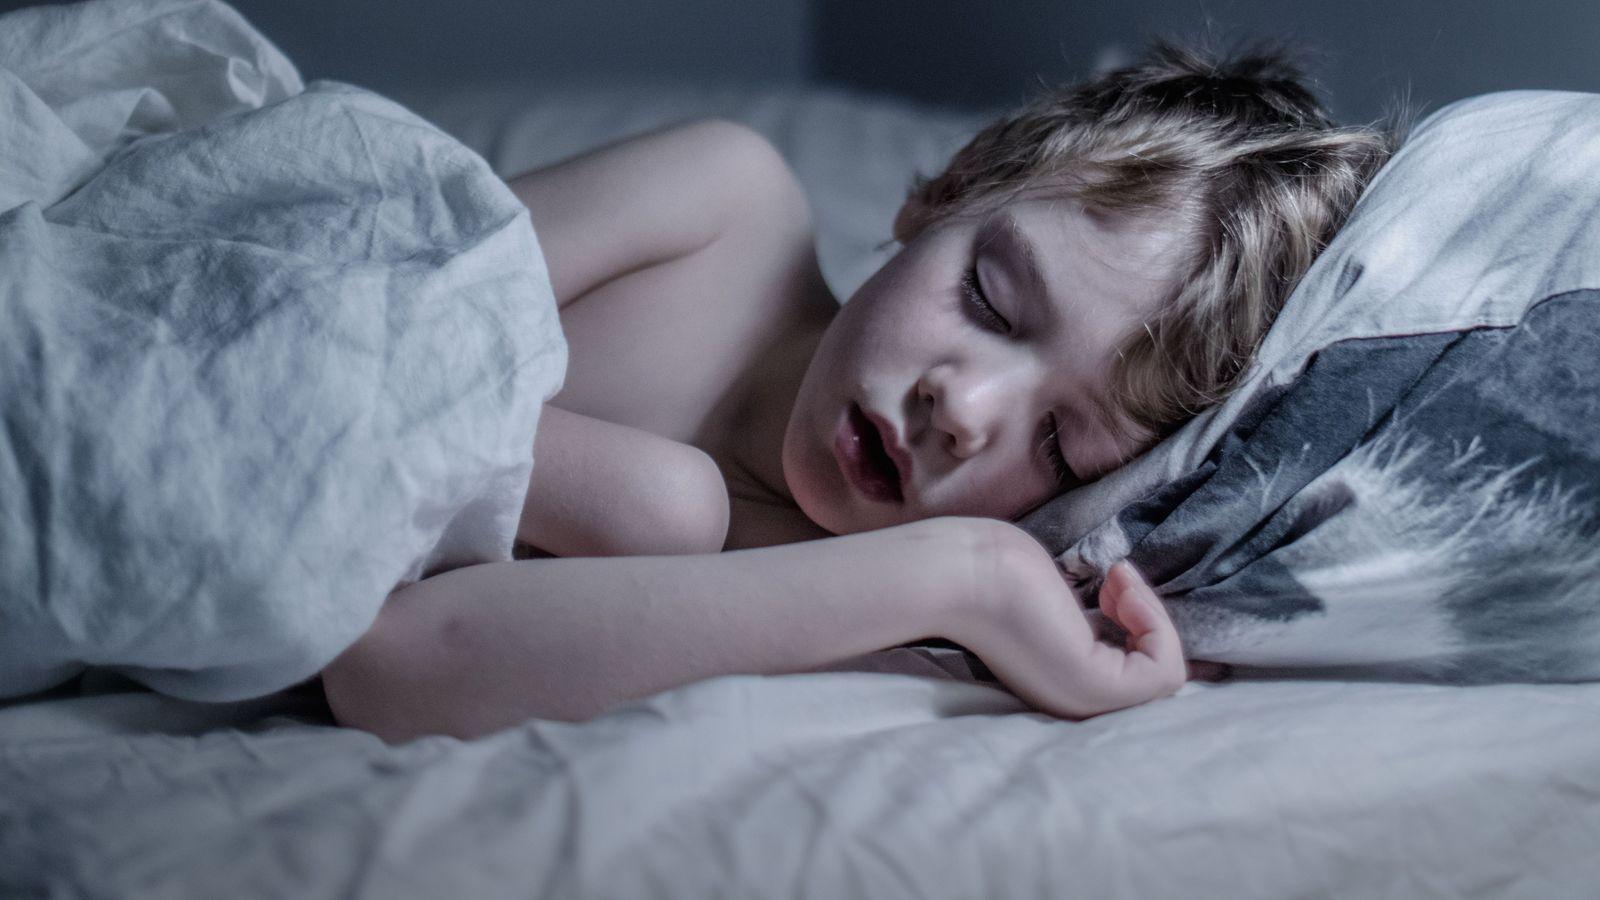 Wile Wennman, 7 ans, qui vit à Nacka, en Suède, aime s'endormir avec la lumière allumée, ...